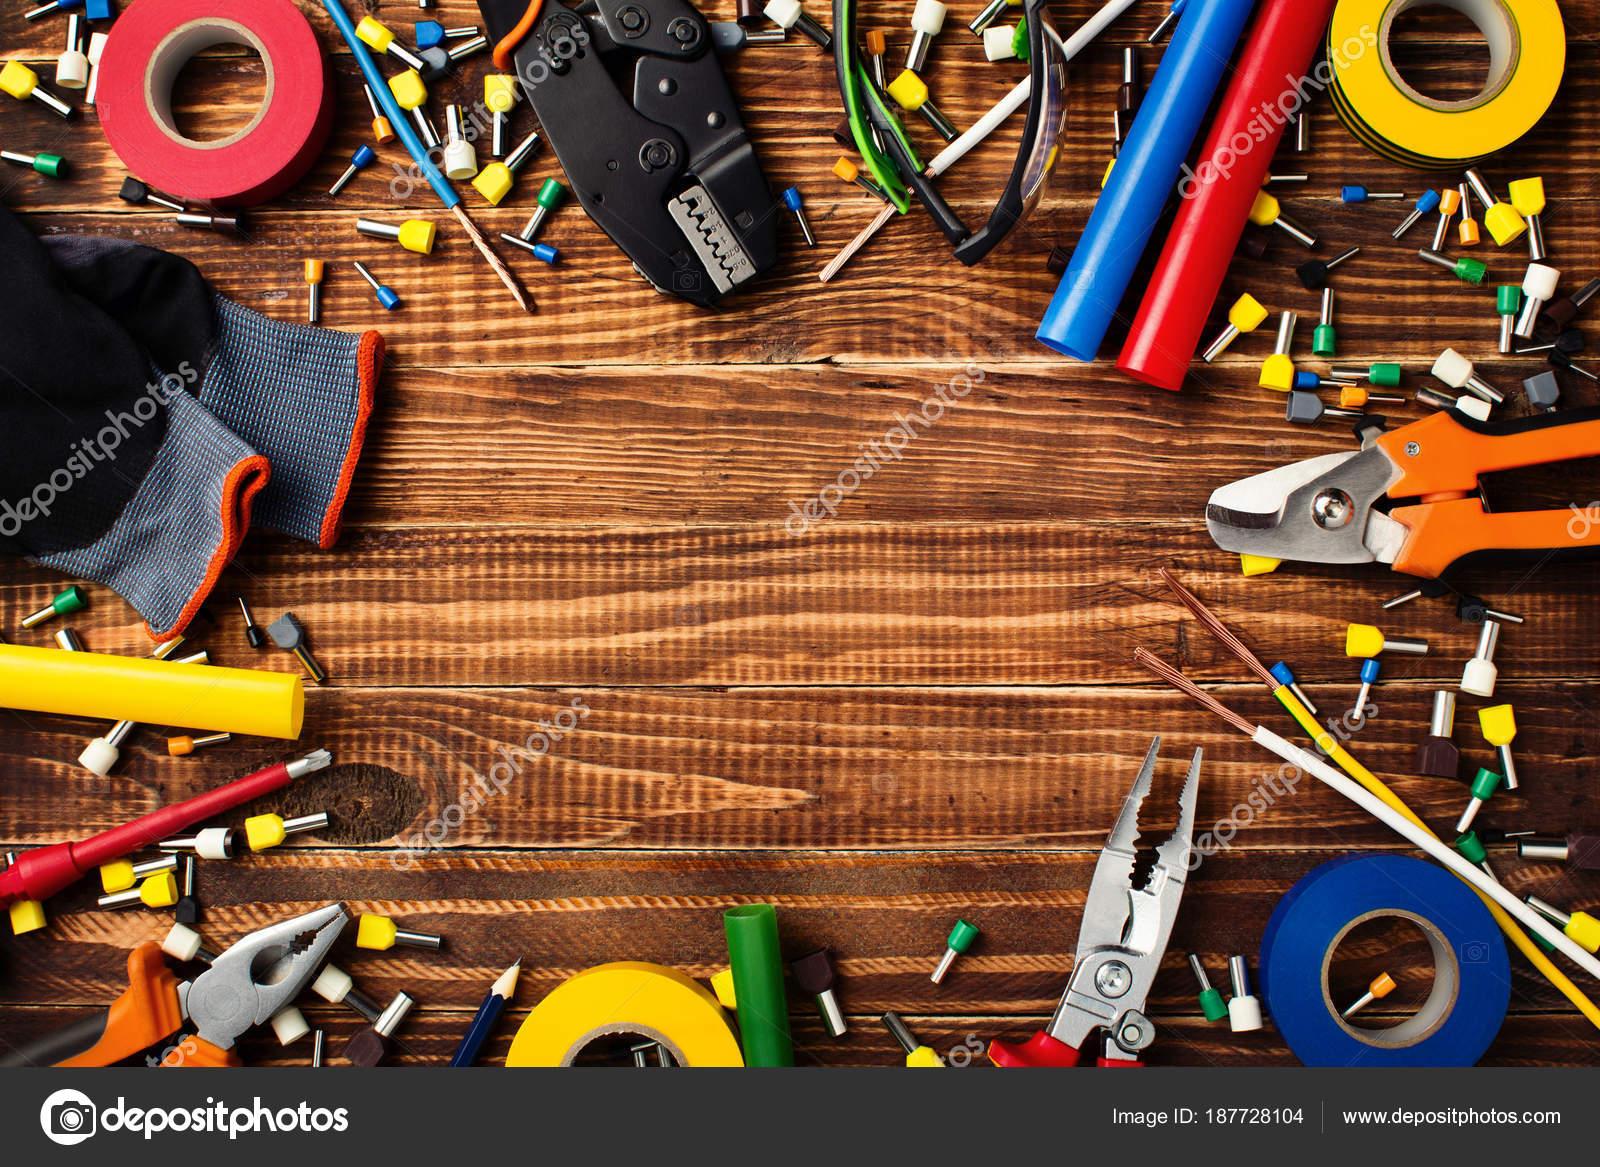 Banco Da Lavoro Per Elettricisti : Sfondo di utensili per elettricisti professionale: nastro isolante